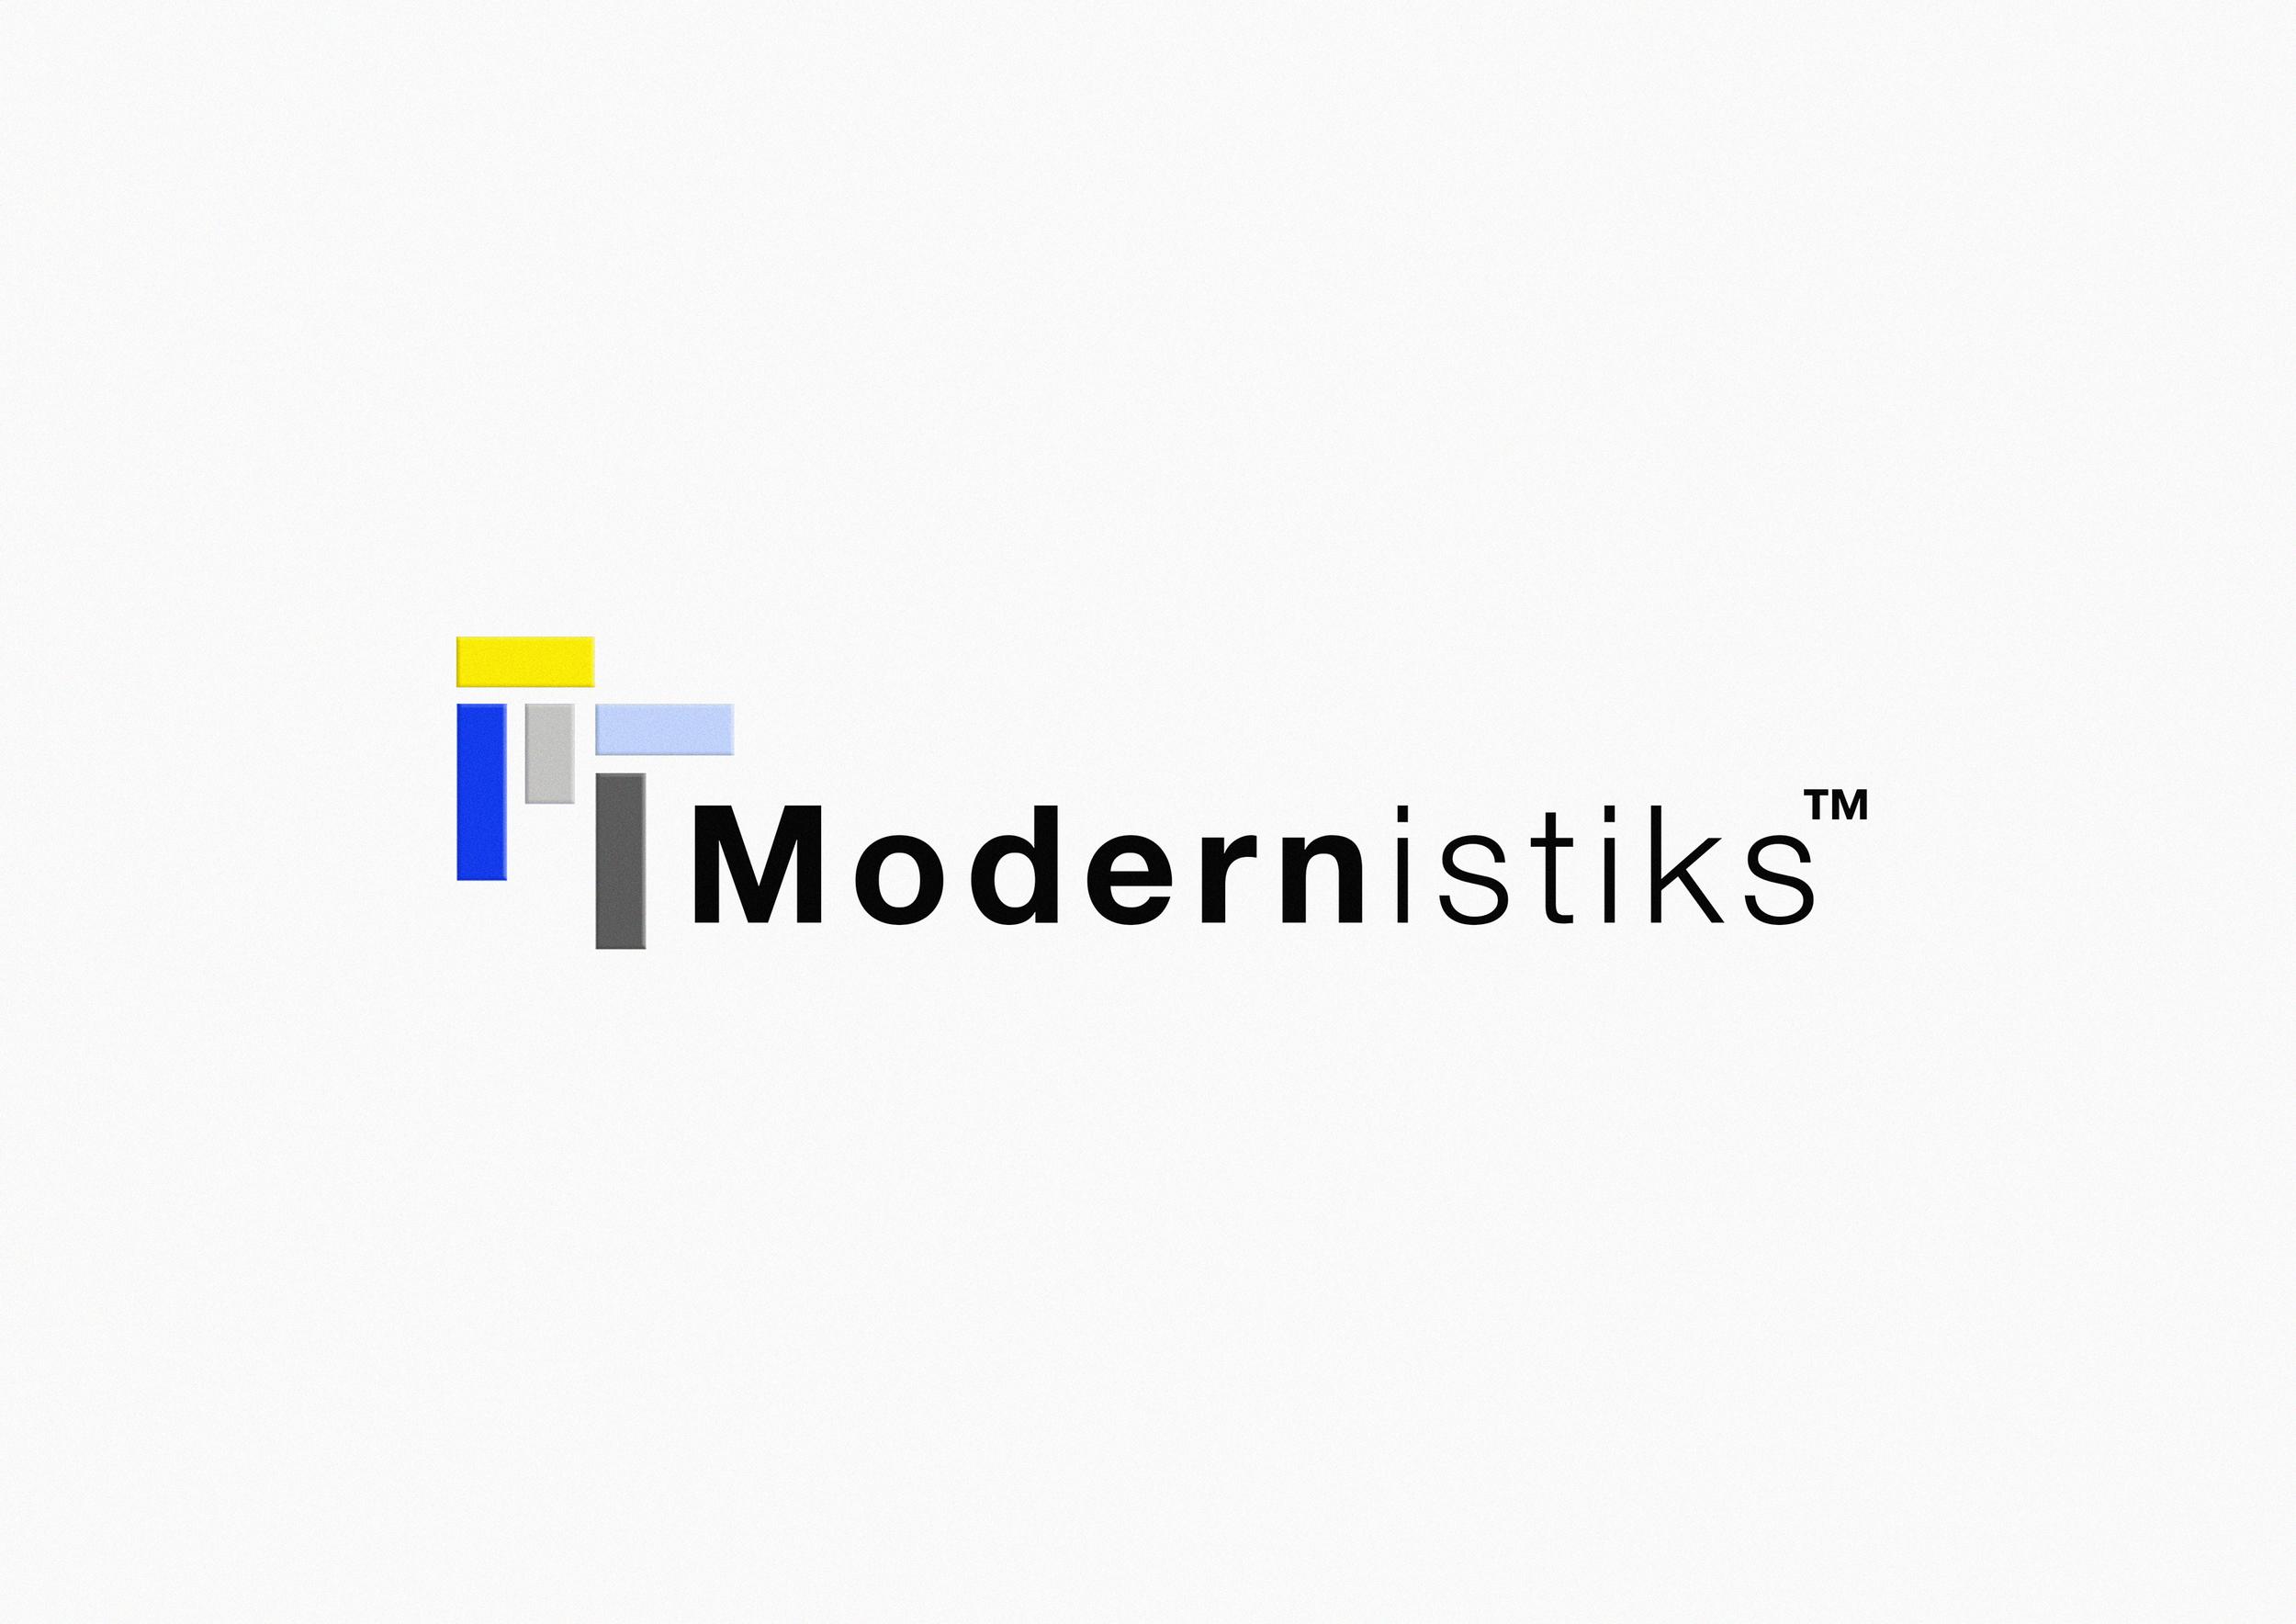 MODERNISTIKS 4 copy2.jpg